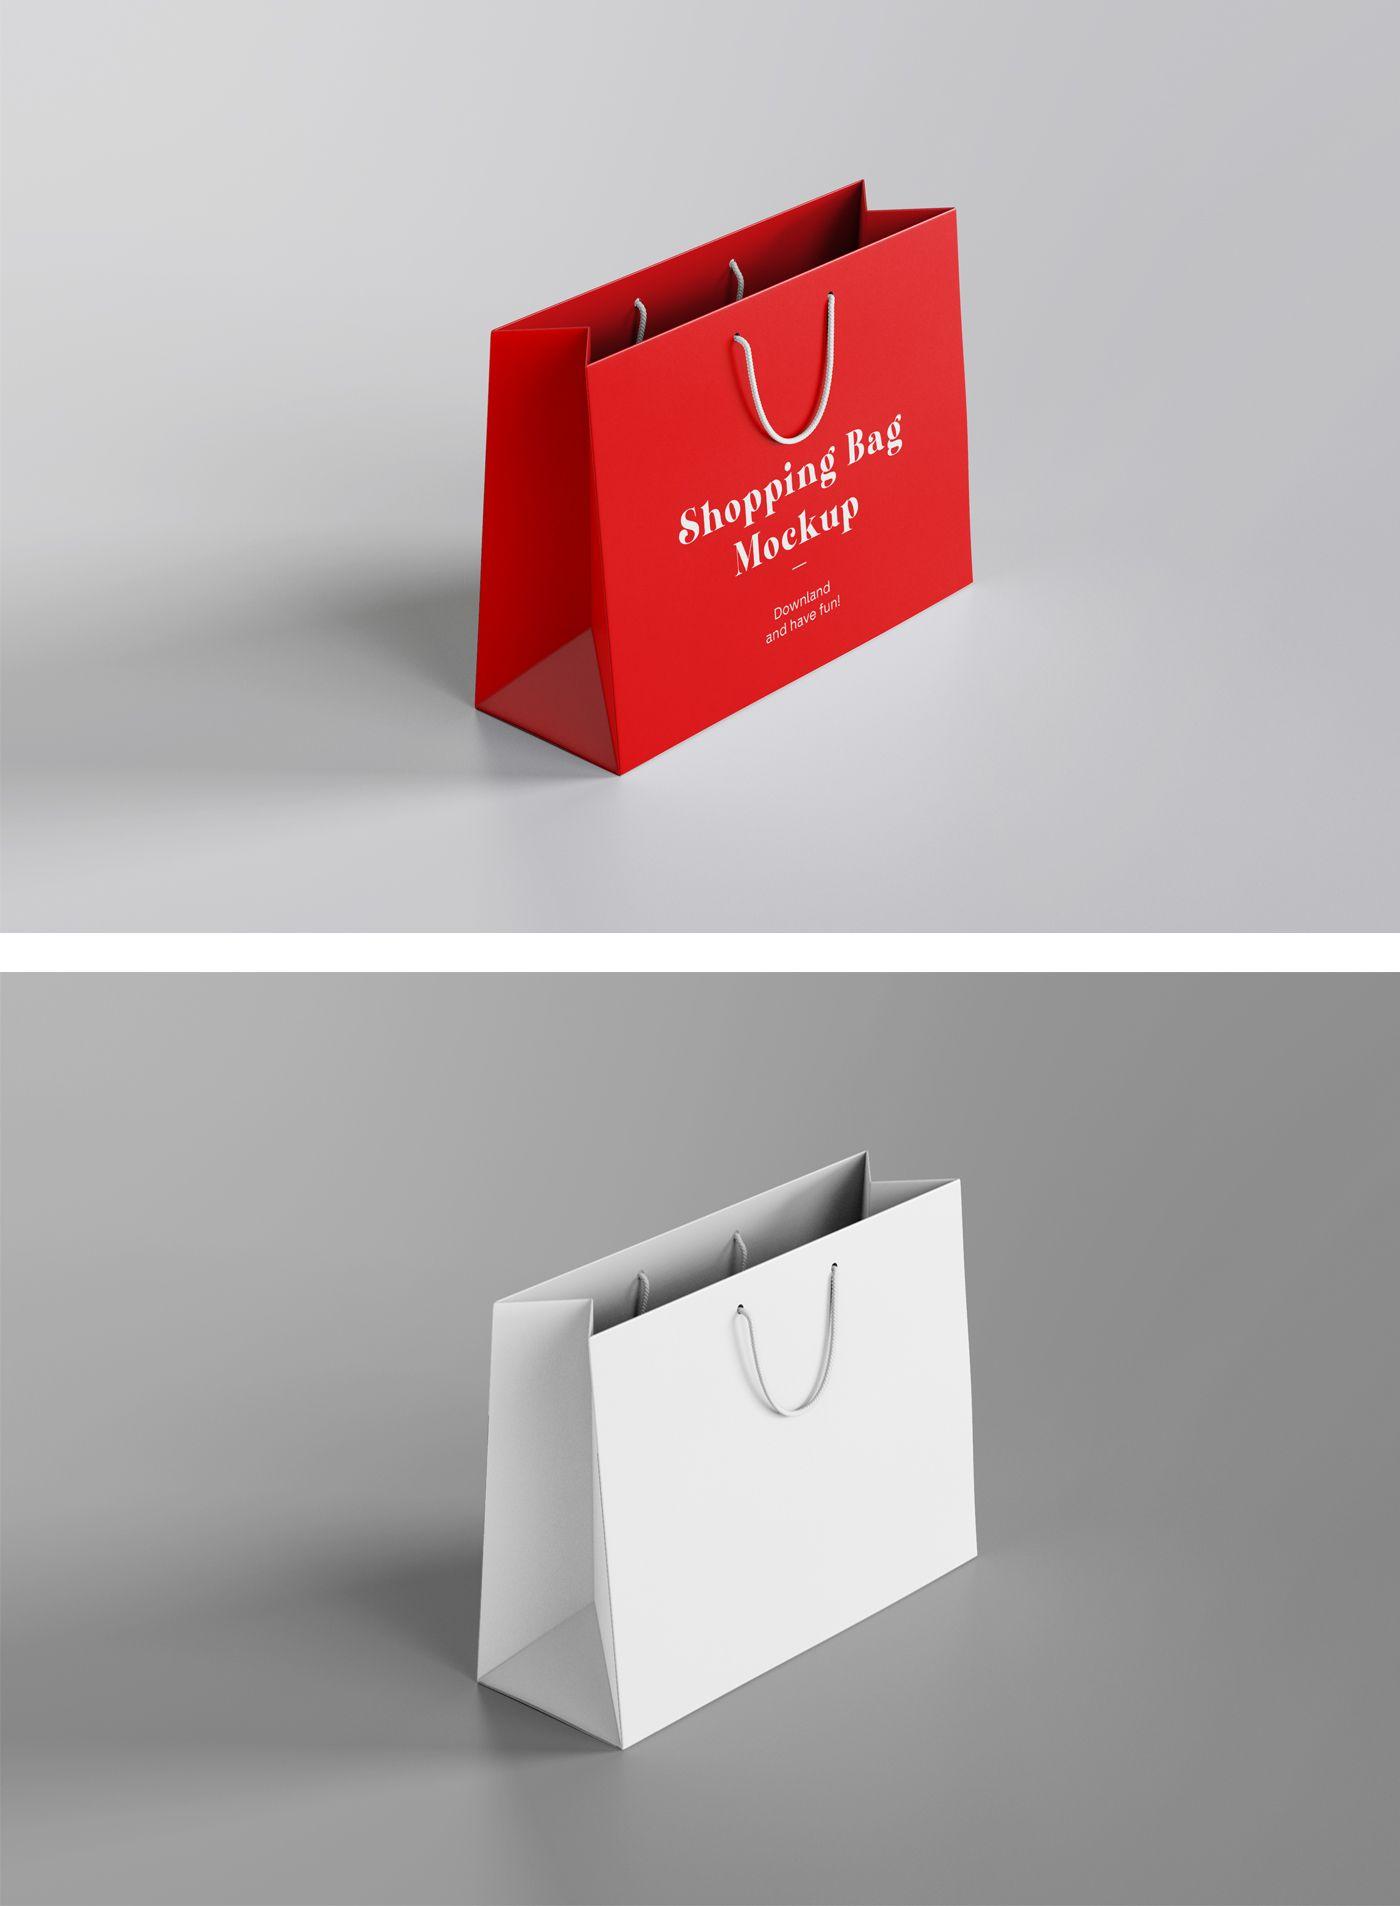 Download Paper Shopping Bag Mockup Mr Mockup Graphic Design Freebies Bag Mockup Graphic Design Freebies Design Freebie